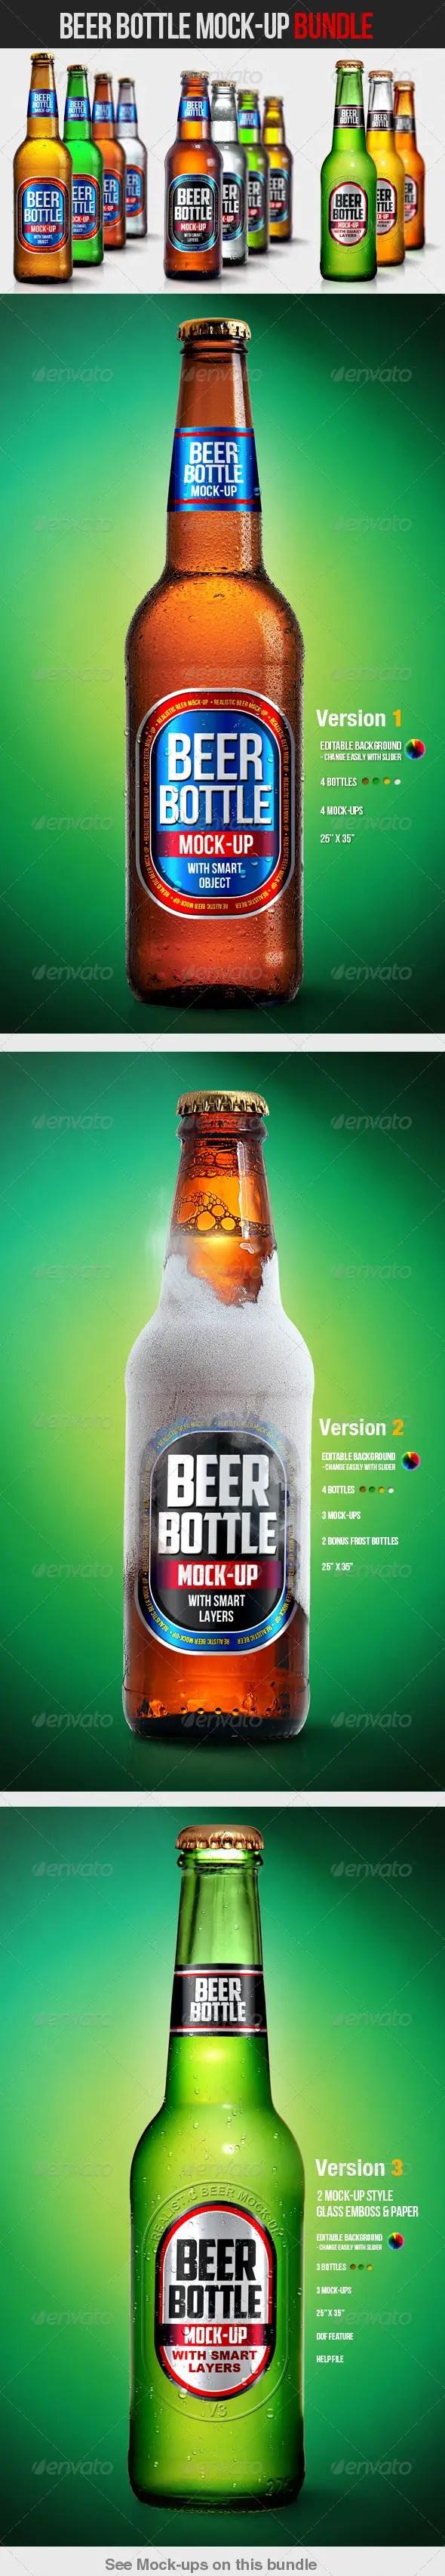 Beer Bottle Mockup Bundle